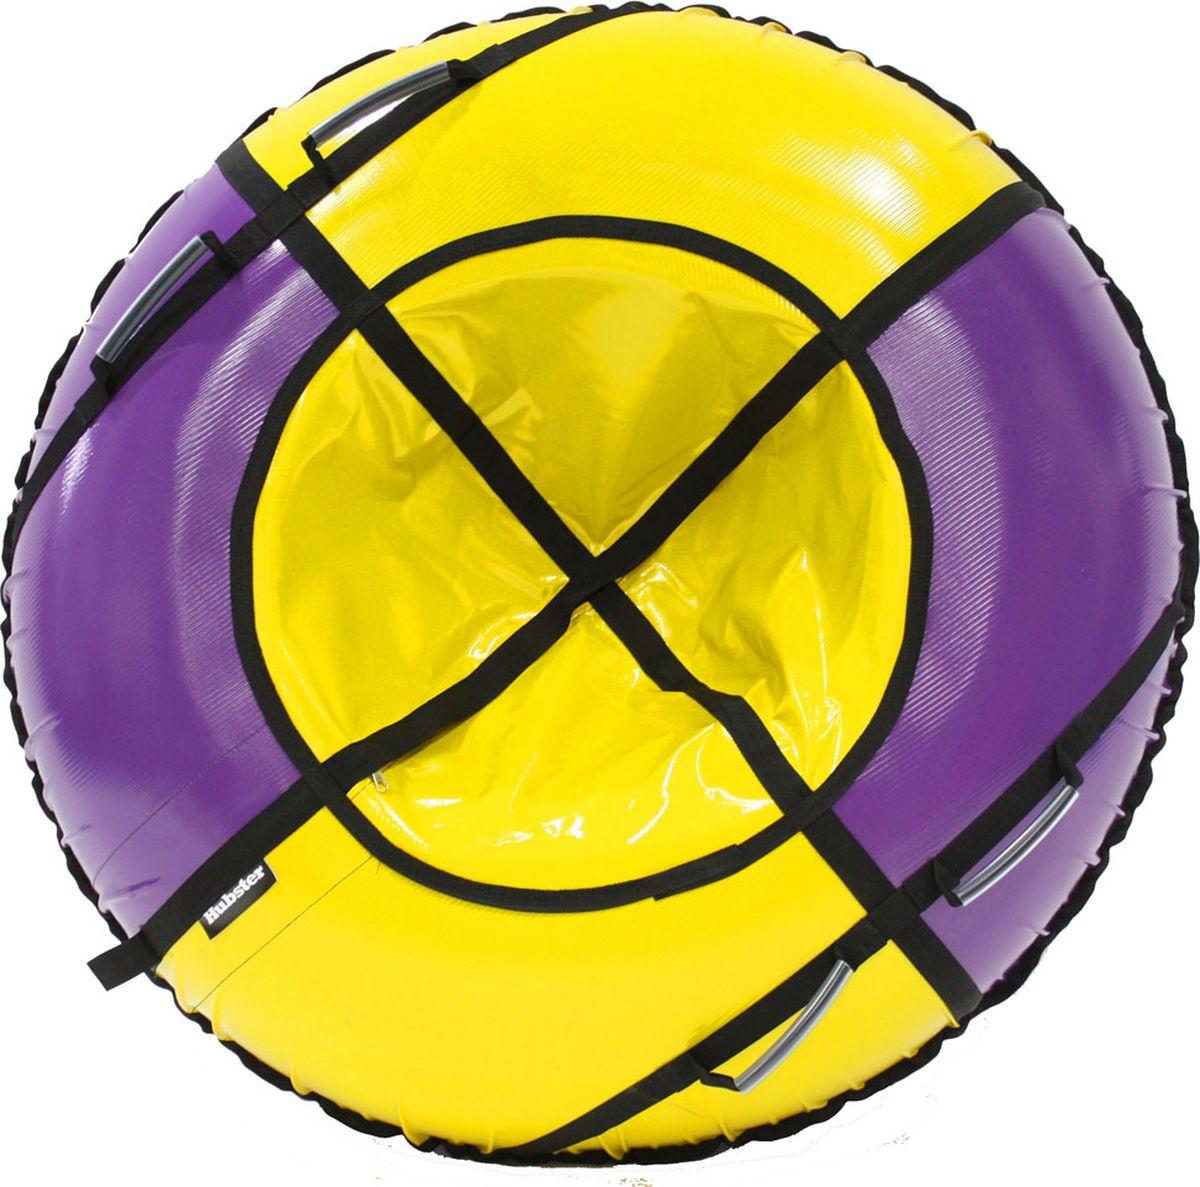 Тюбинг Hubster Sport Plus, цвет: фиолетовый, желтый, диаметр 105 смво4186-1Любимая детская зимняя забава - это кататься с горки. А катание на тюбинге надолго запомнится вам и вашим близким. Свежий воздух, веселая компания, веселые развлечения - эти моменты вы будете вспоминать еще долгое время.Материал верха - ПВХ армированный, плотность 650 г/м .Материал дна - ПВХ (усиленная скользкая ткань), плотность 650 г/м.Диаметр в сдутом виде - 105 см.Диаметр в надутом виде - 94 см.Ручки усиленные (нашиты на дополнительную стропу)Кол-во ручек - 4 шт. Молния скрытая, на сиденье.Крепление троса - наружная петля.Длина троса - 1 метр.Нагрузка - до 120 кг.Комплект поставки - ватрушка, трос, камера.Тюбинг не предназначен для буксировки механическими или транспортными средствами (подъемники, канатные дороги, лебедки, автомобиль, снегоход, квадроцикл и т.д.)Зимние игры на свежем воздухе. Статья OZON Гид